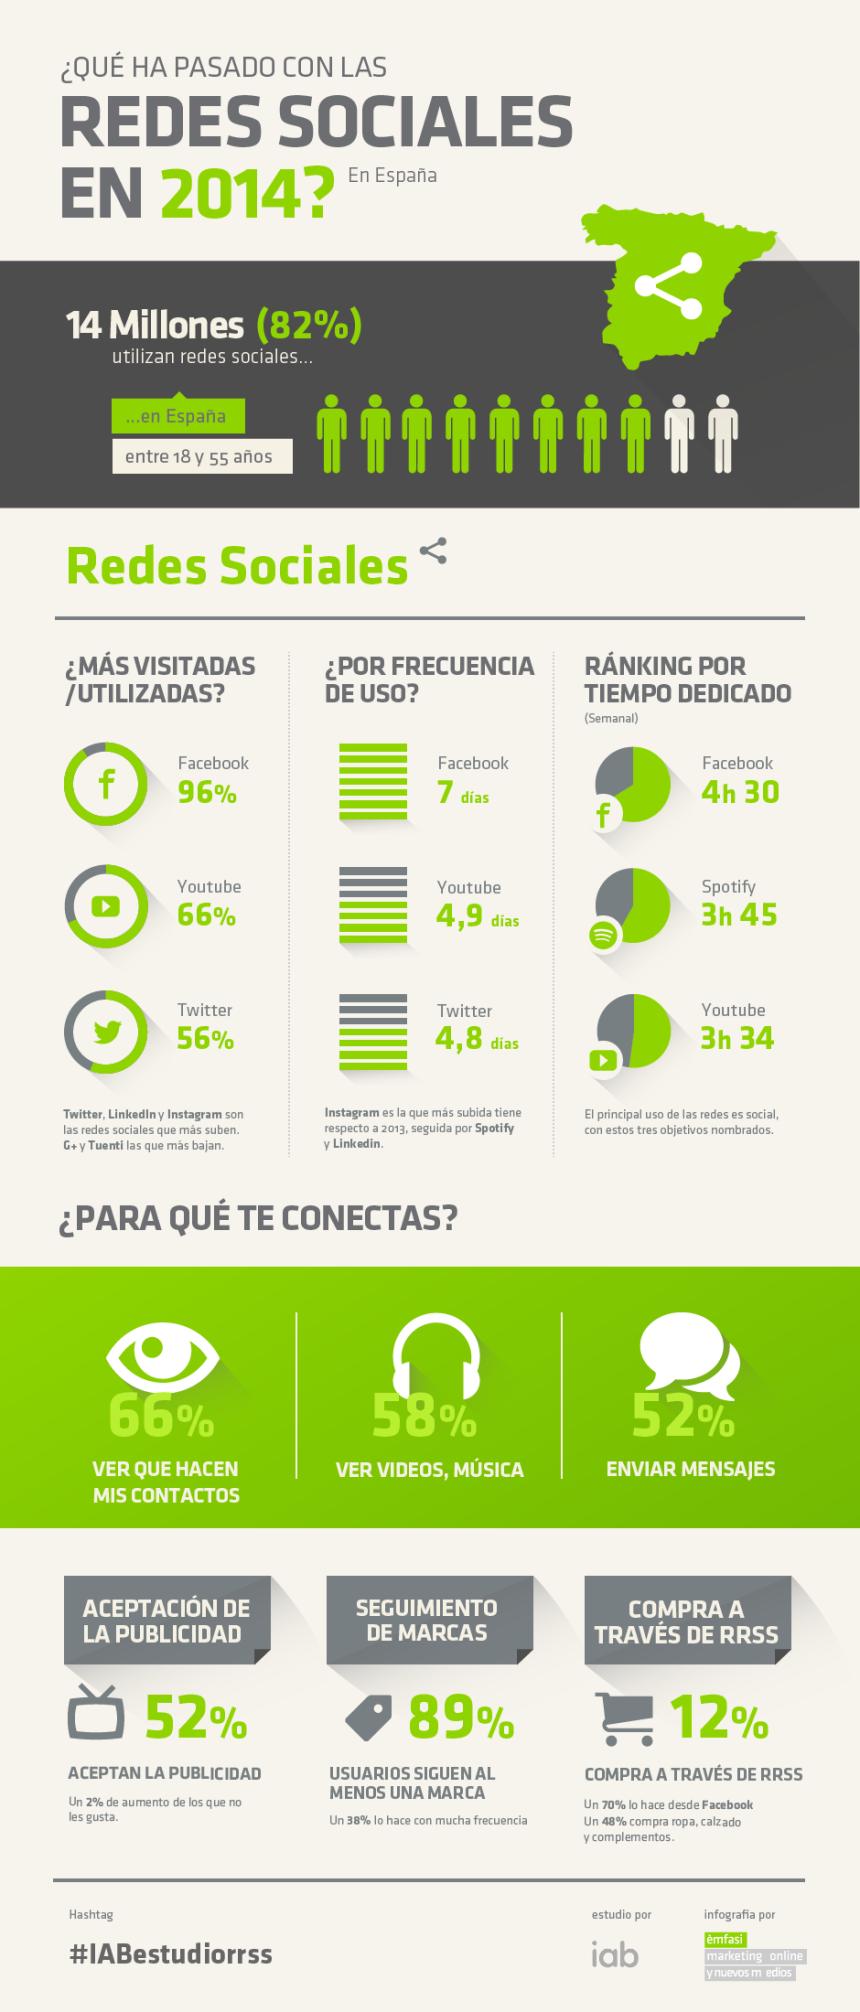 Redes Sociales en España (2014)